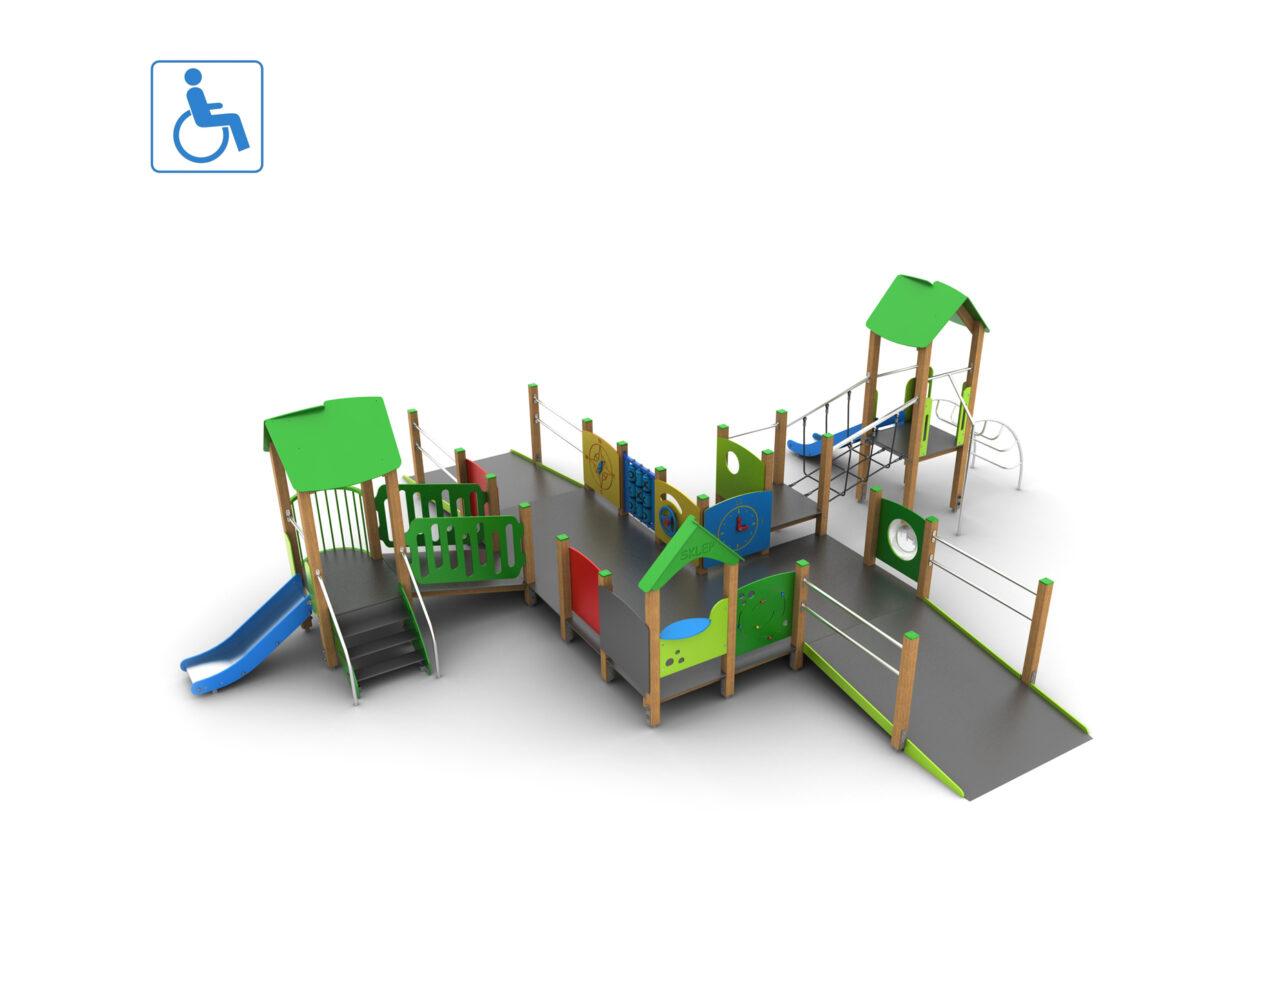 Plac zabaw integracyjny dla dzieci niepełnosprawnych na wózkach inwalidzkich producent